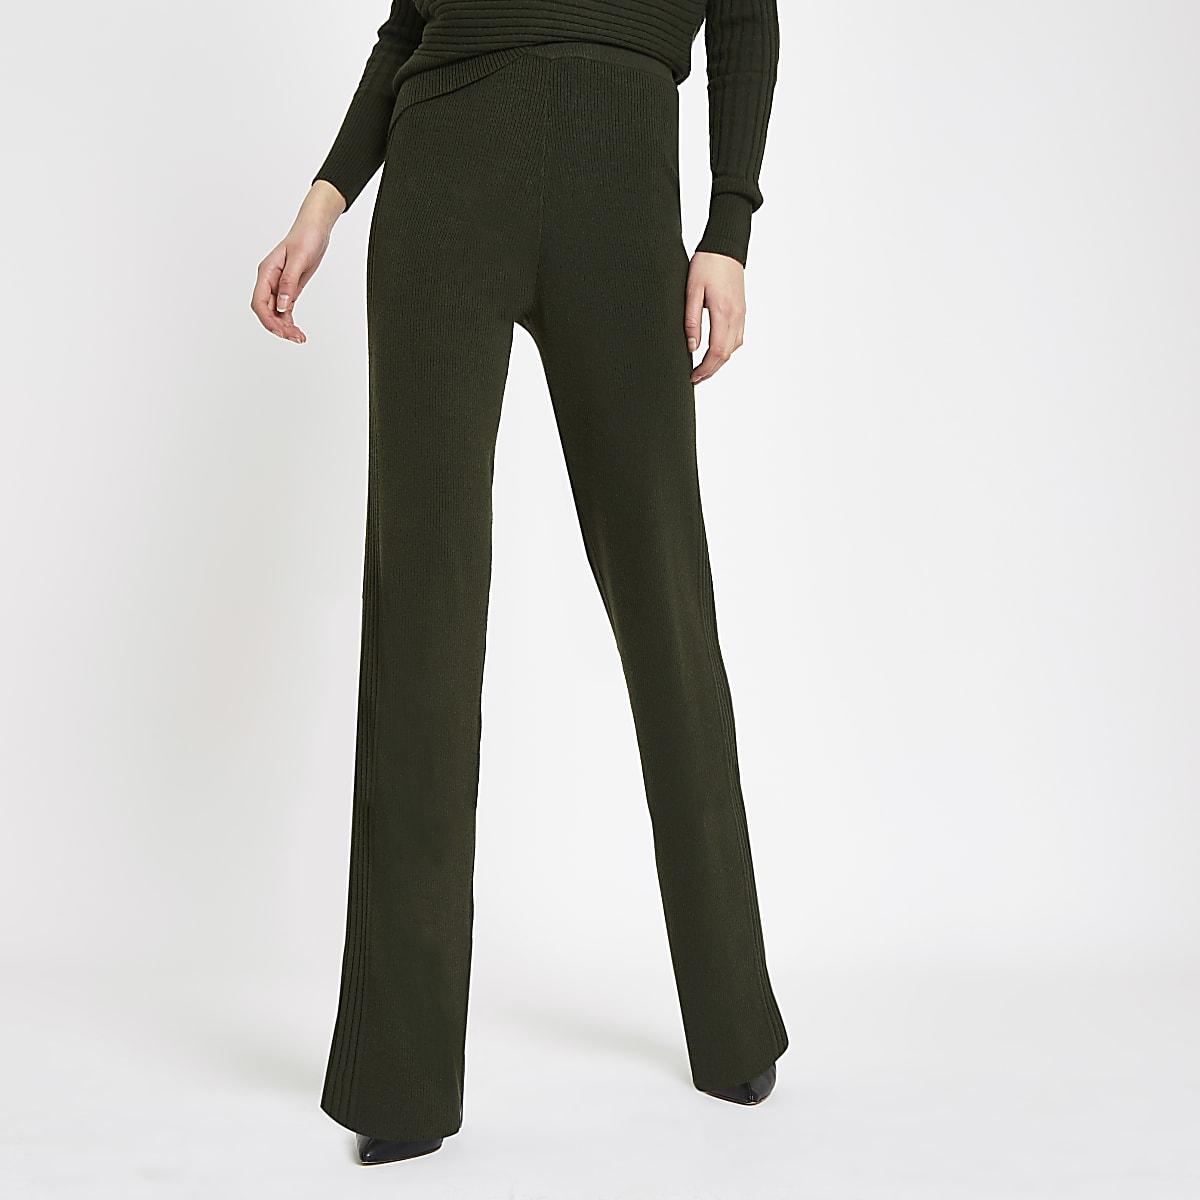 ee2d9d71 Khaki knit wide leg trousers - Wide Leg Trousers - Trousers - women